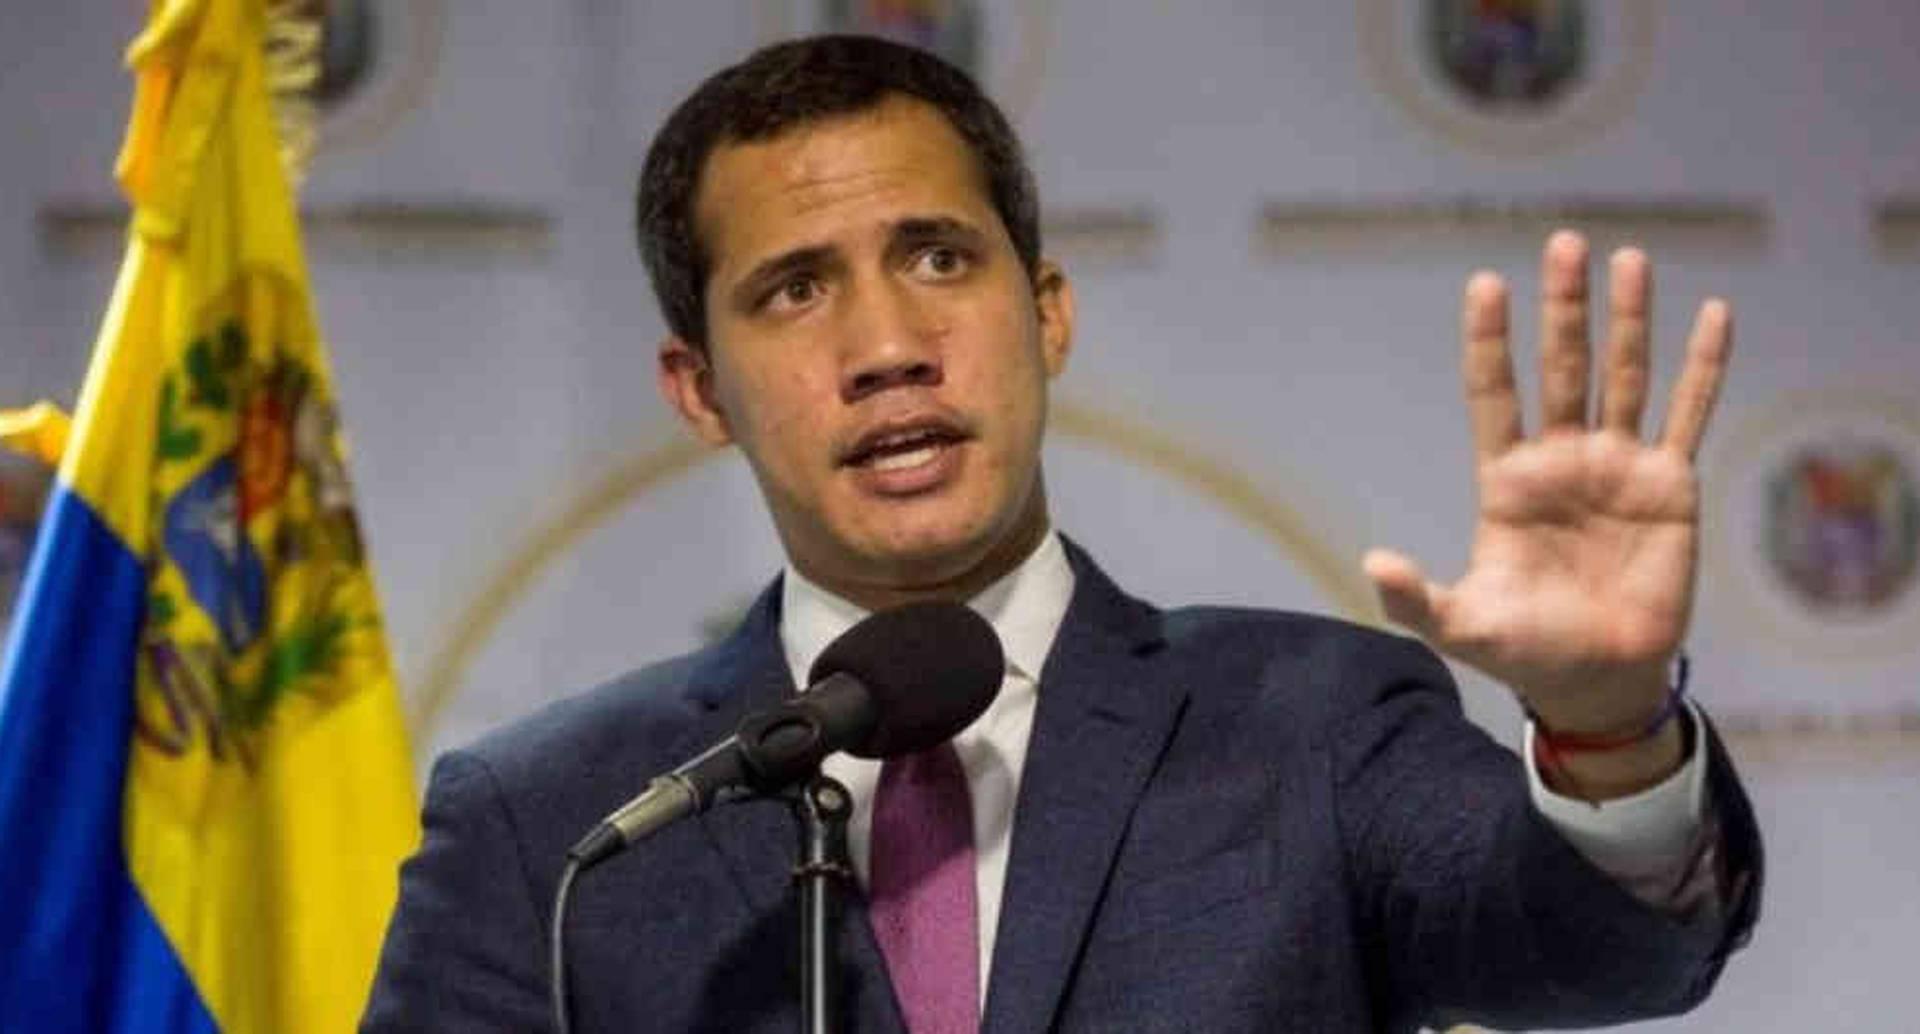 Juan Guaidó insiste en que él y la Asamblea Nacional tienen la legitimidad para negociar con el oficialismo. EPA/BBC.